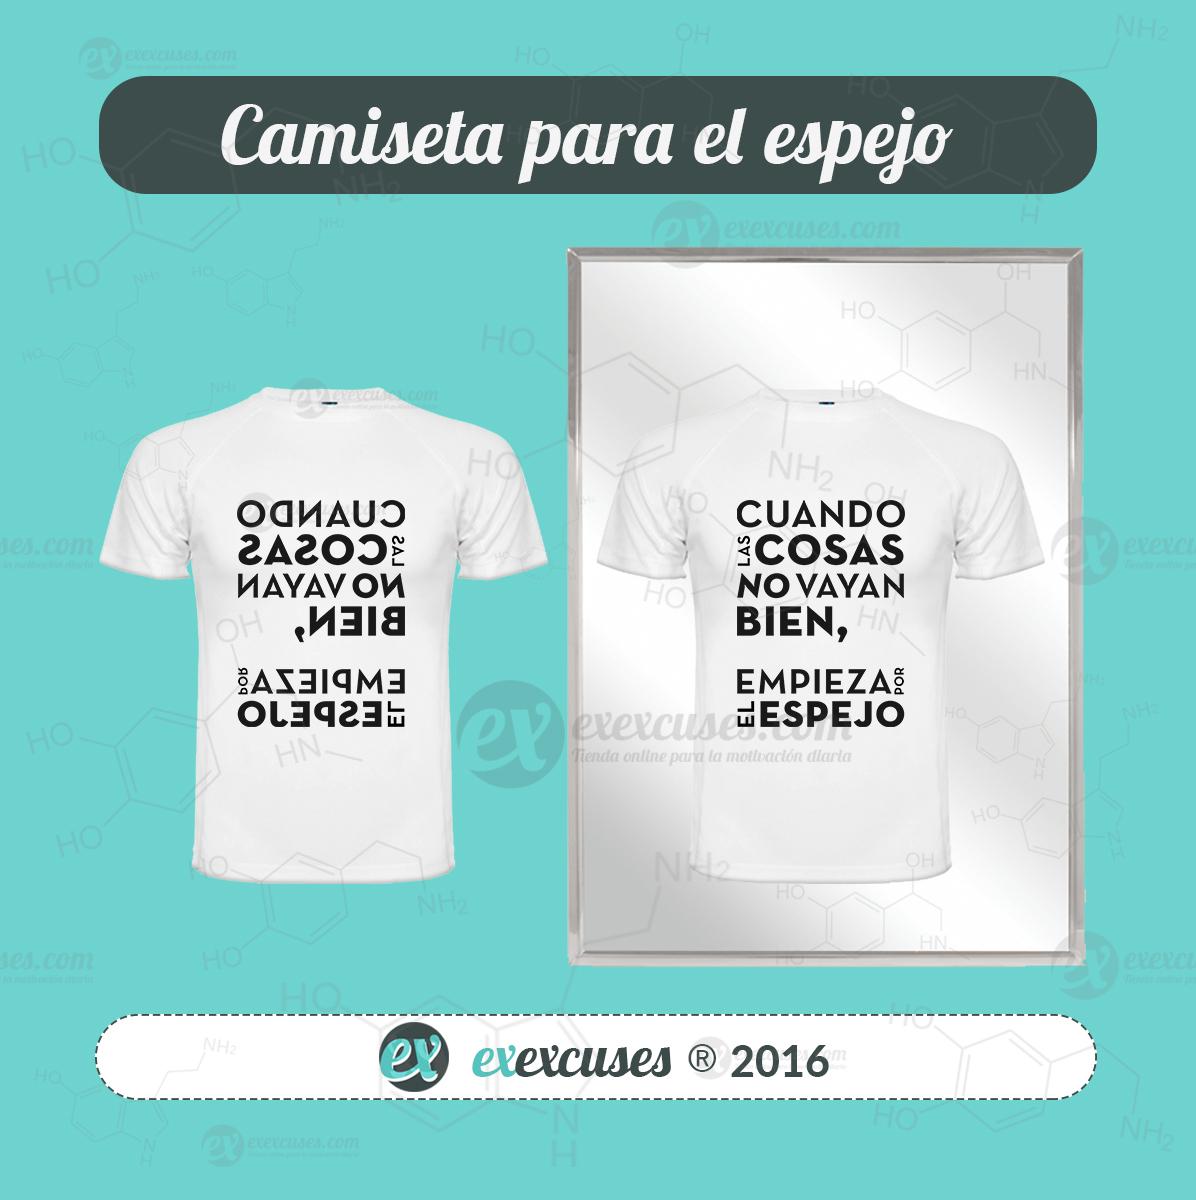 Camiseta empieza por el espejo exexcuses.com